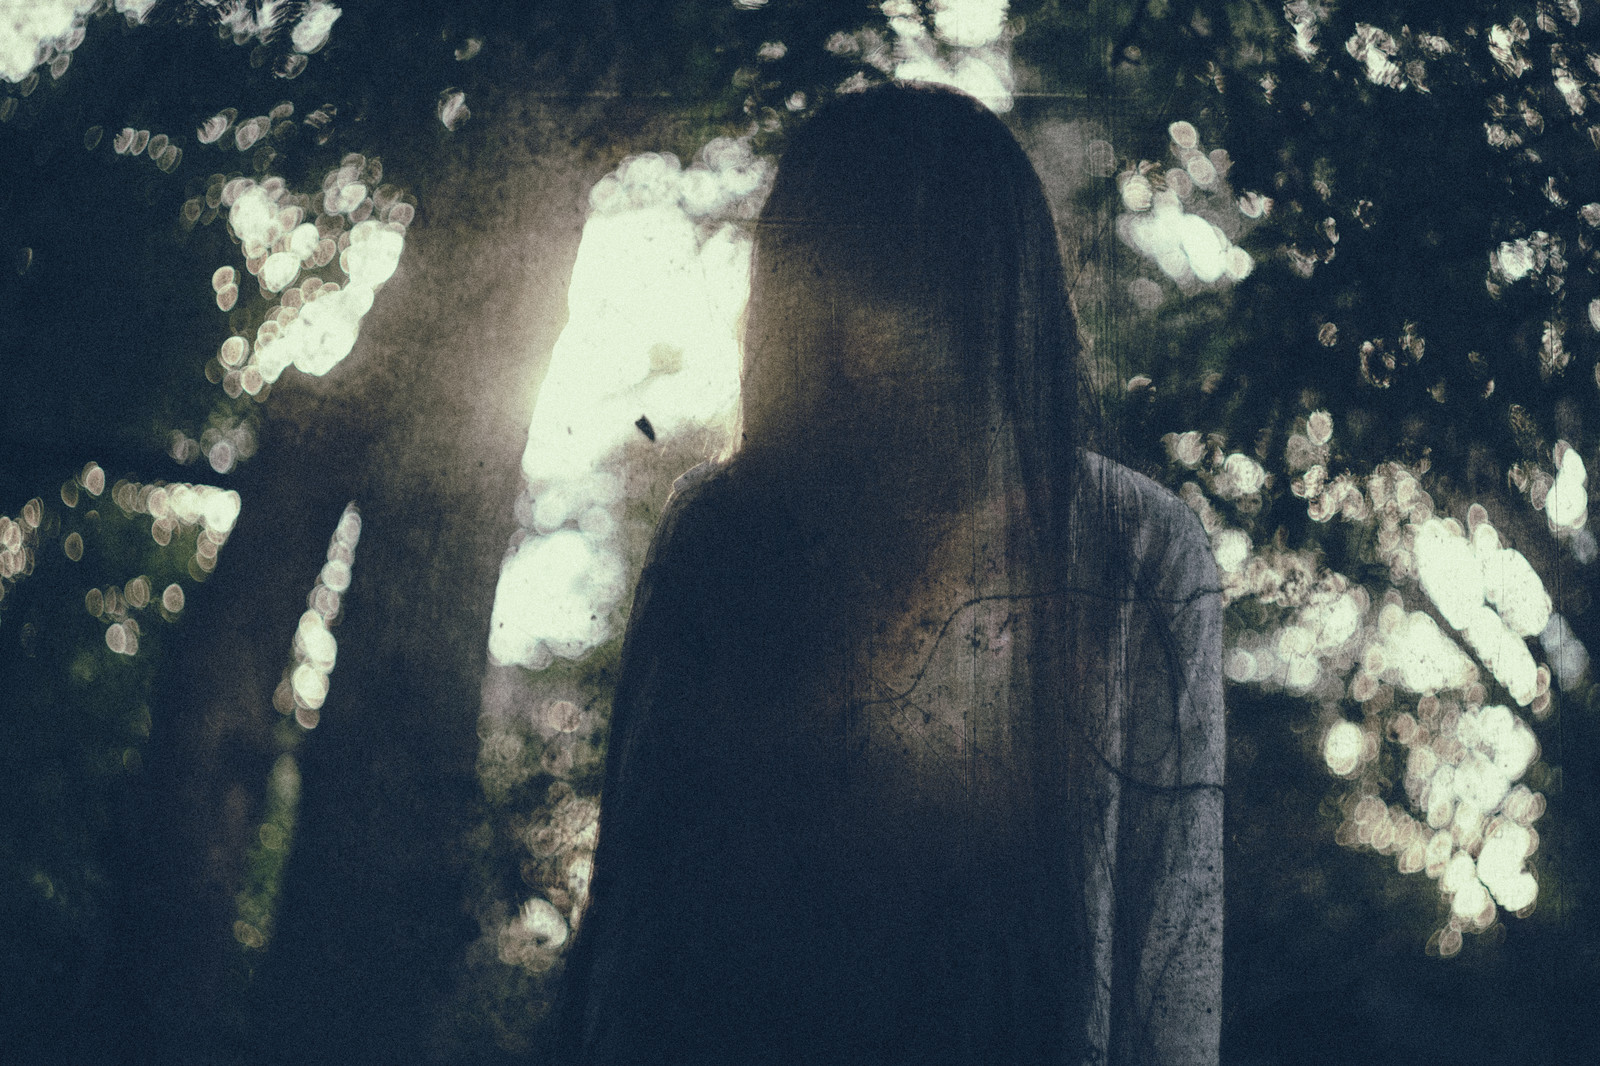 「暗い森の中で呪いをかけられた」の写真[モデル:緋真煉]